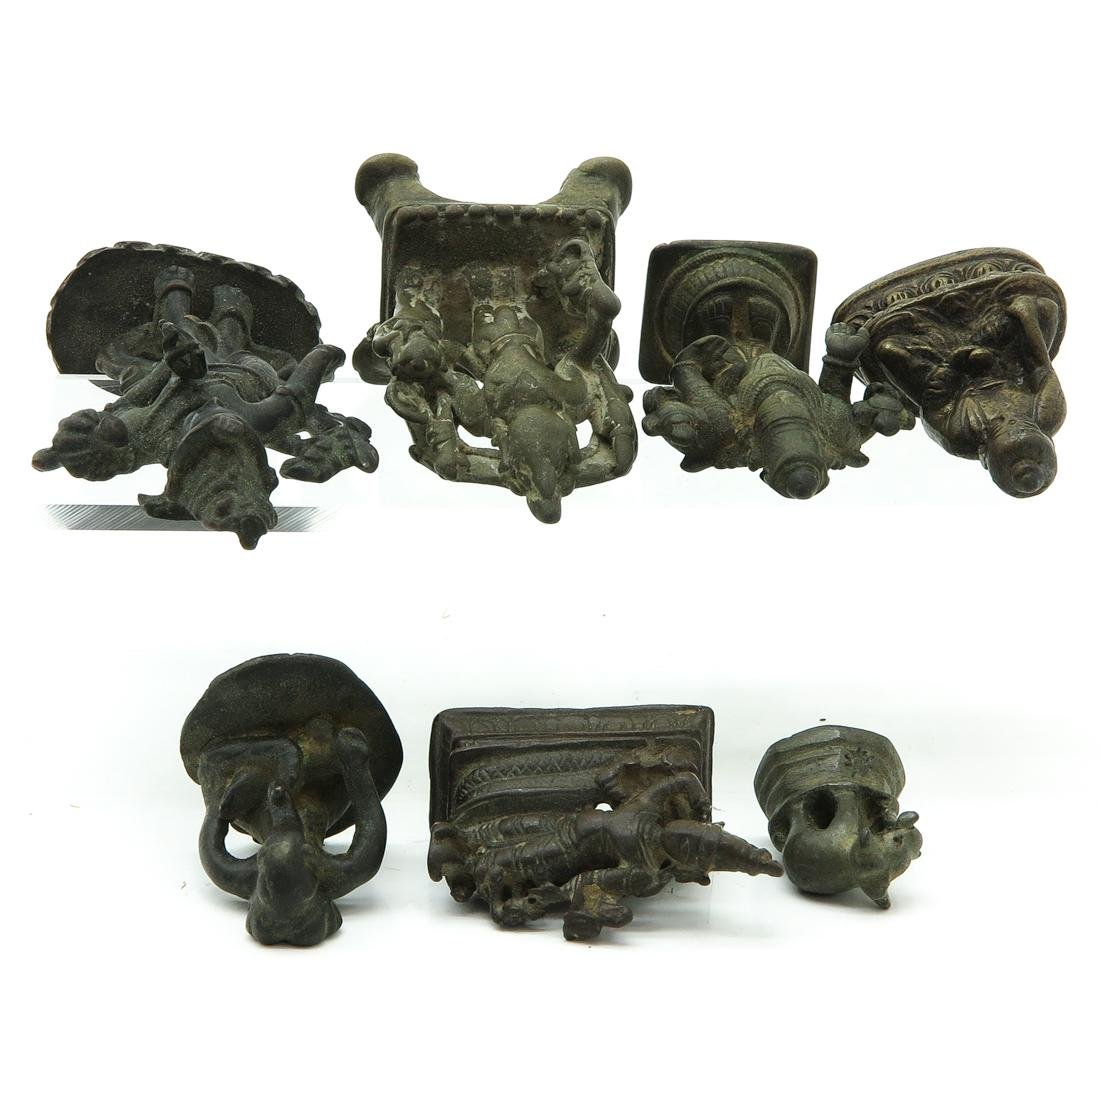 Lot of 7 Metal Sculptures - 5